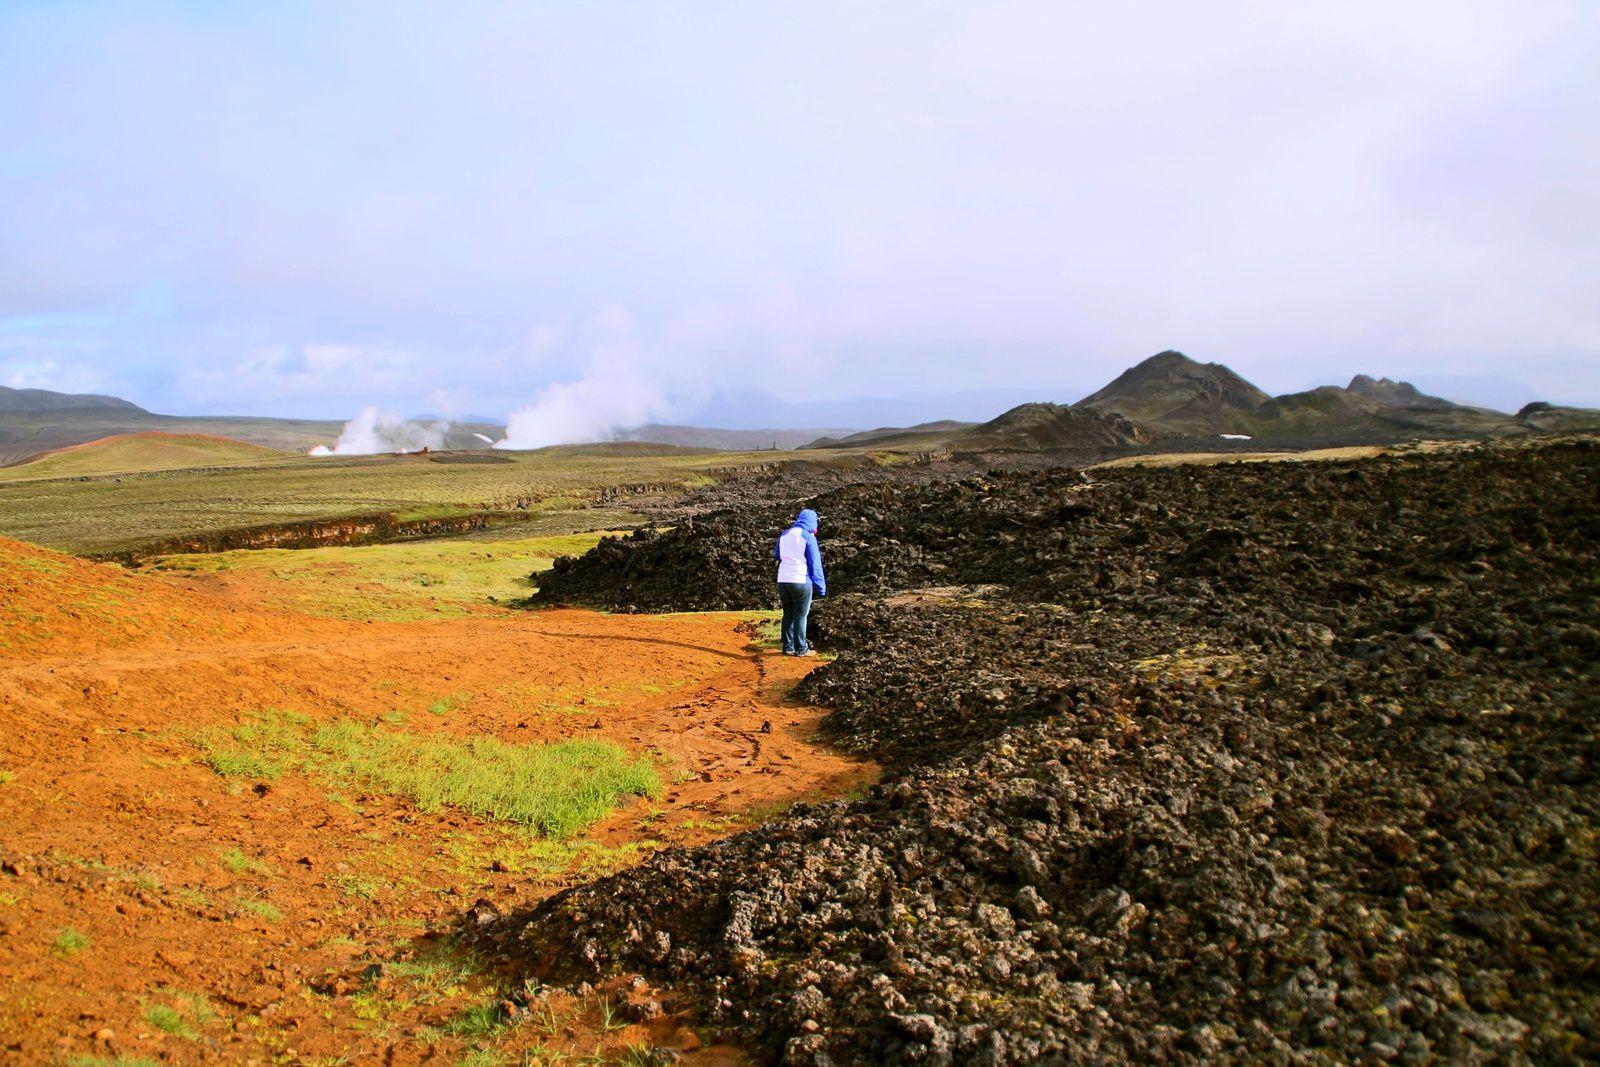 Vacances en Islande - Jour 4